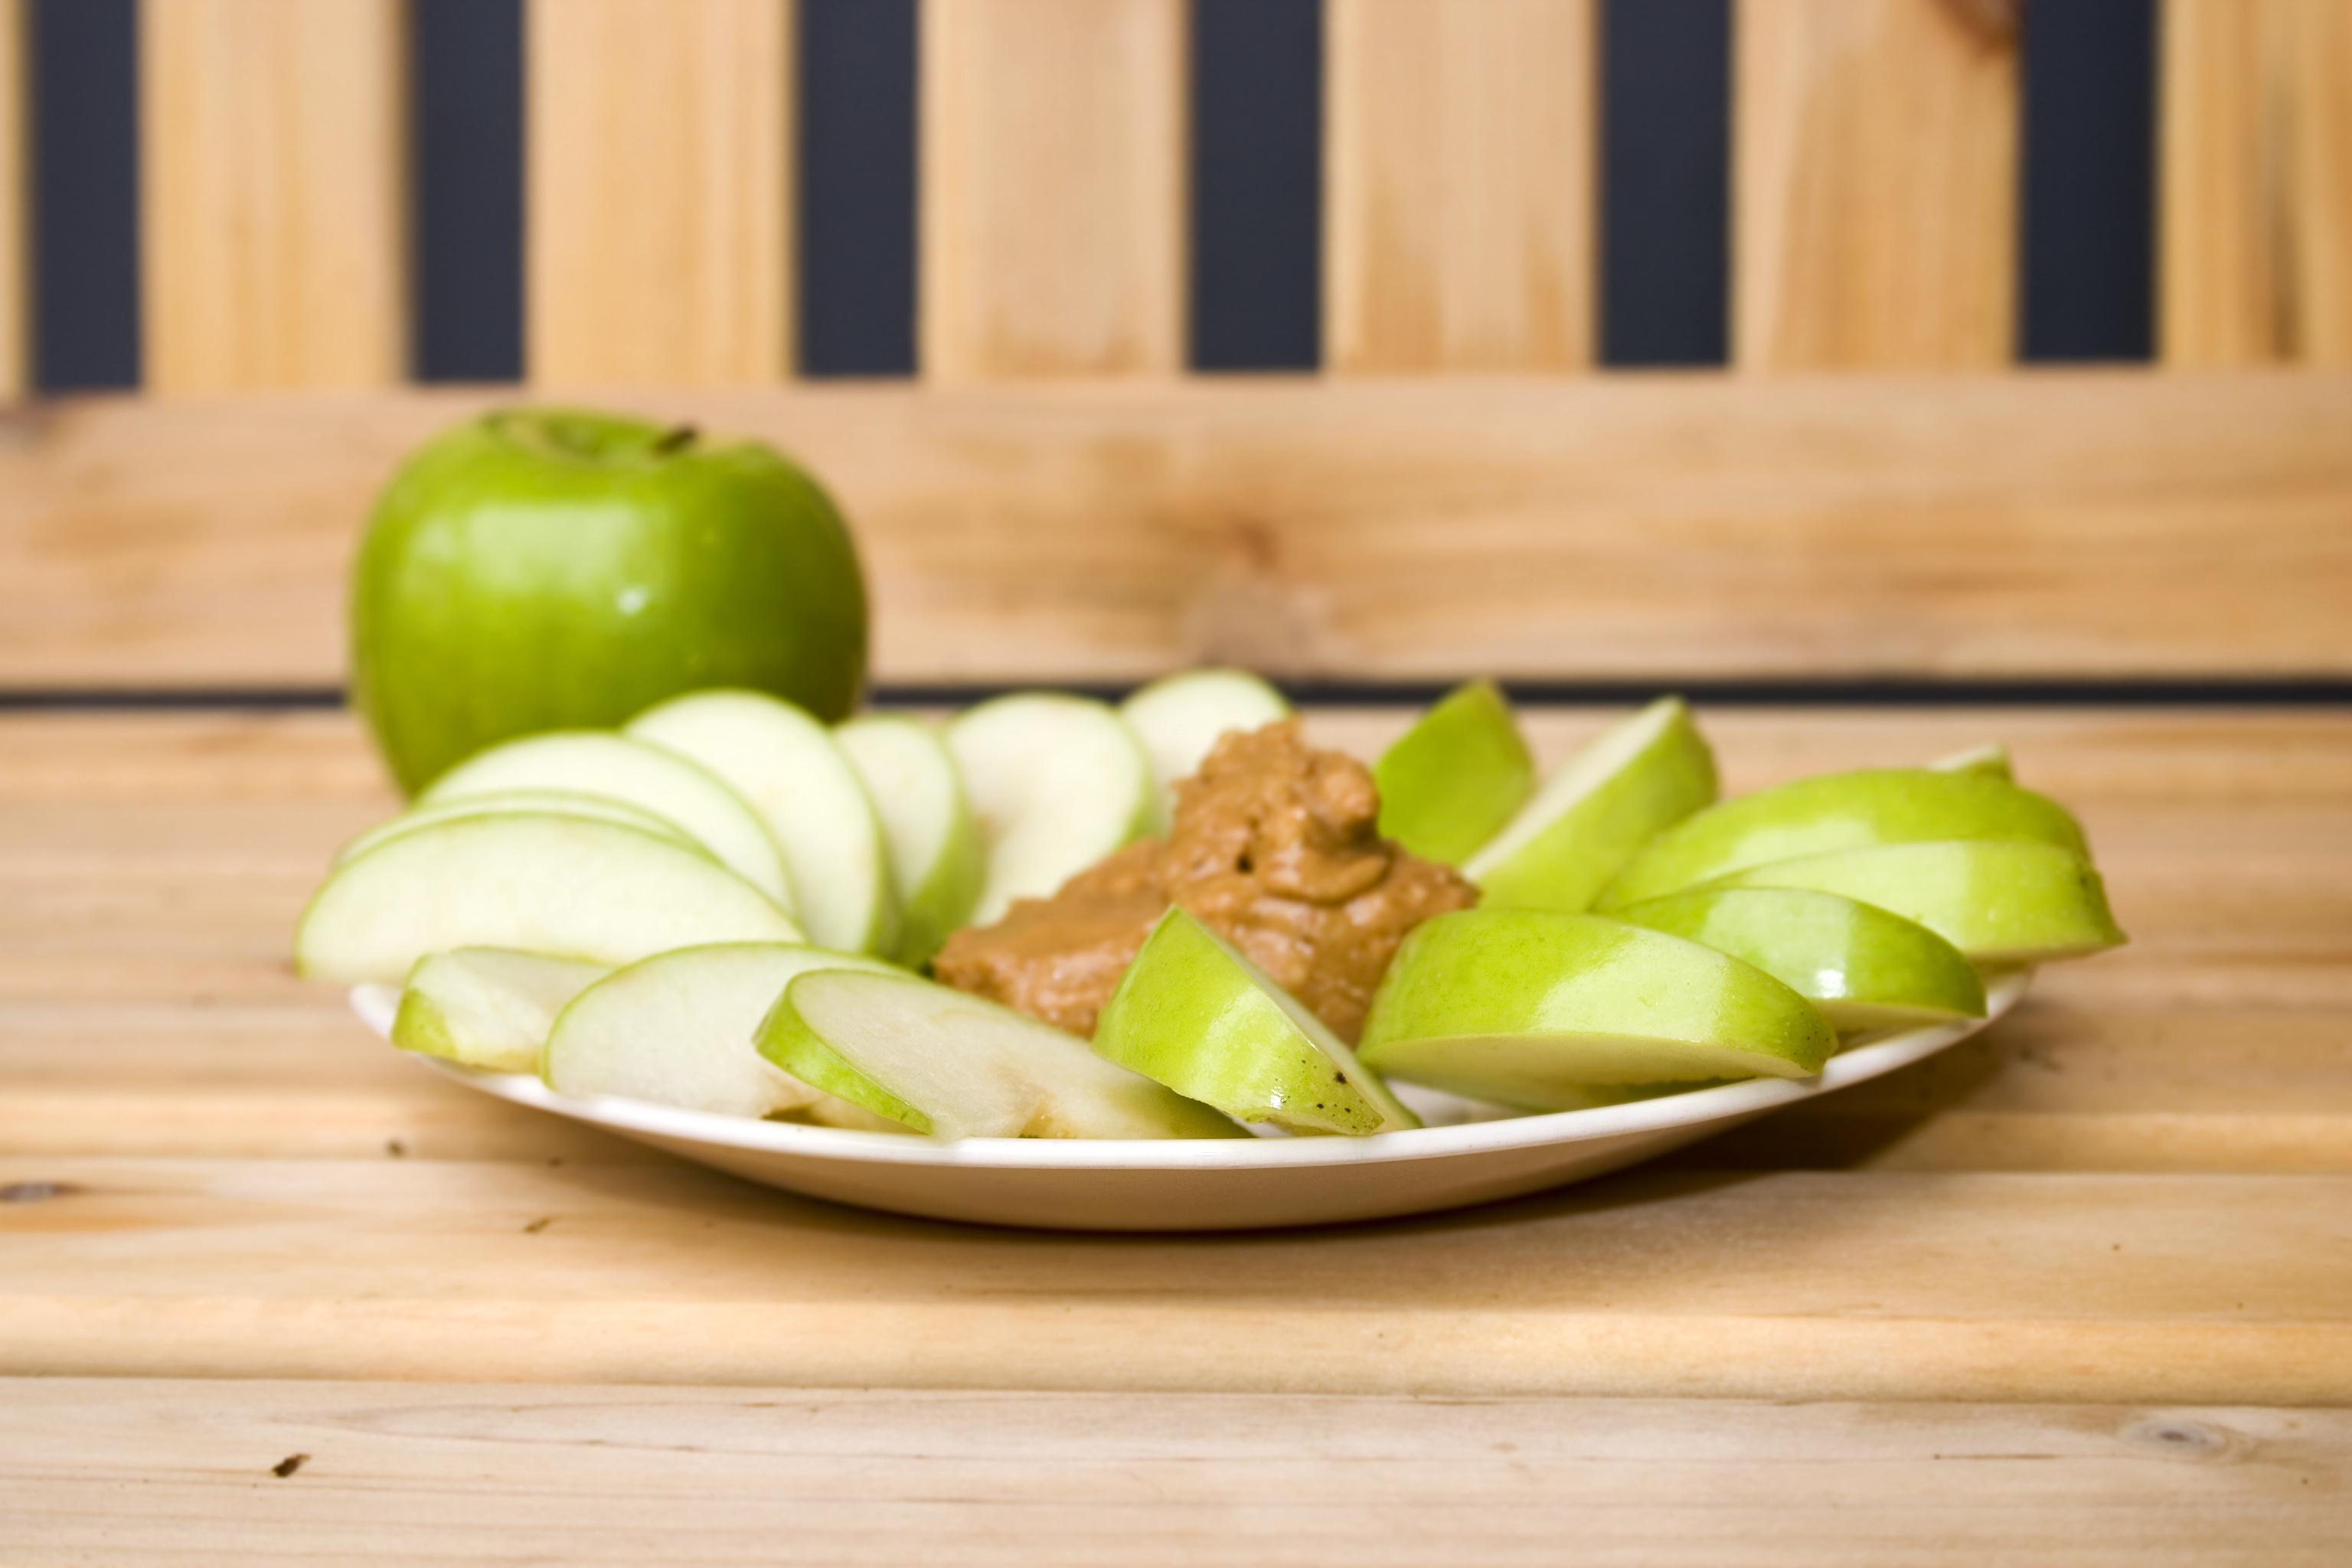 felgyorsítani a fogyást 90 napos diéta étrend